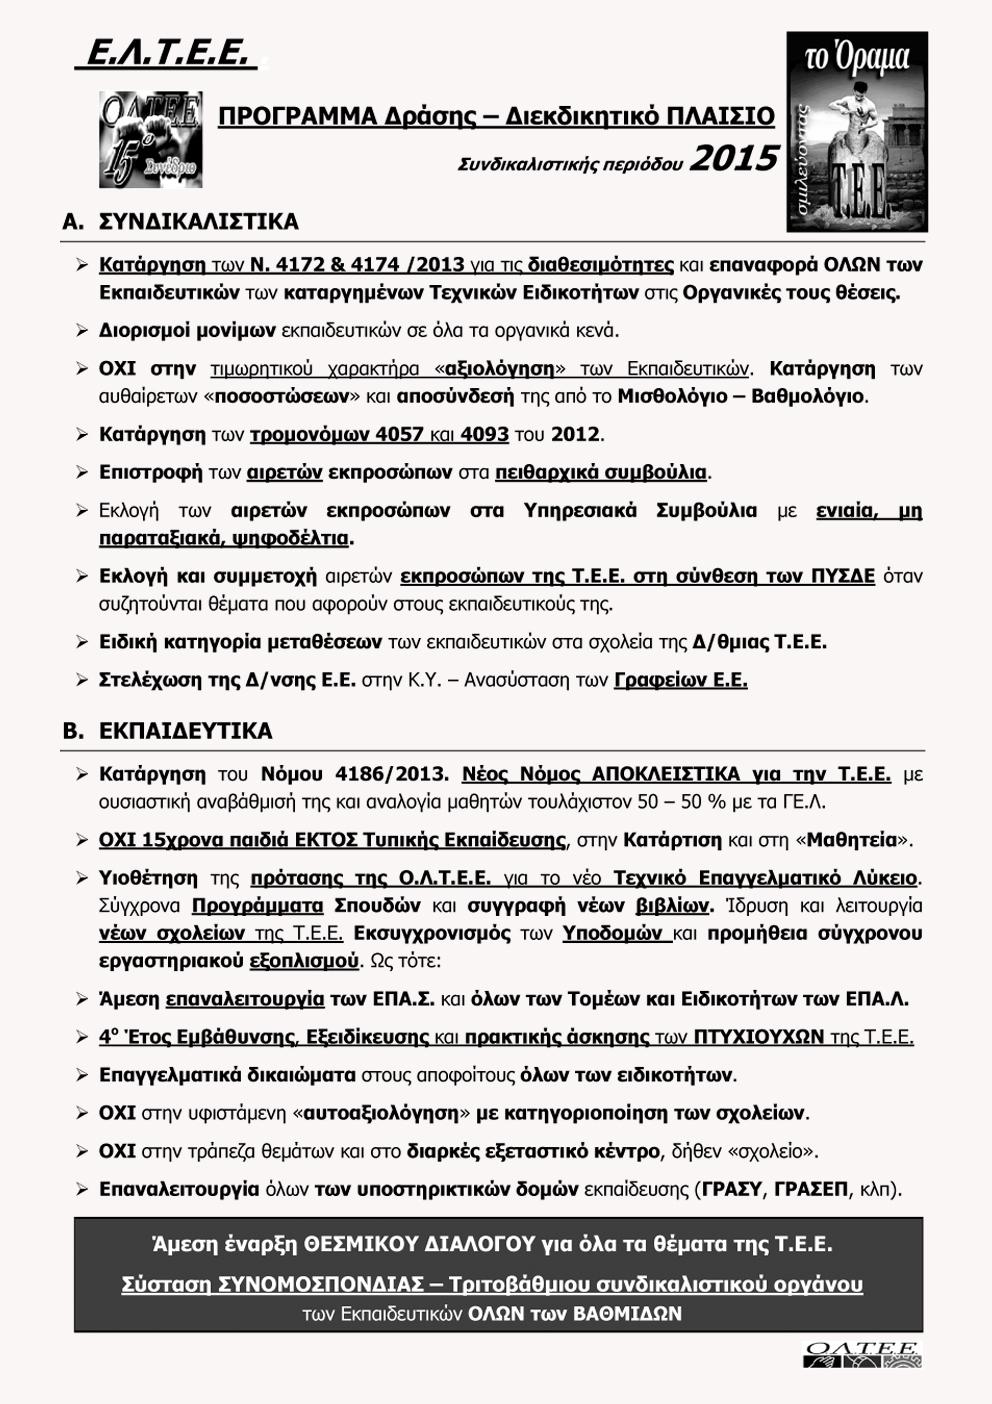 ΕΛΤΕΕ_Πρόγραμμα Δράσης 2015